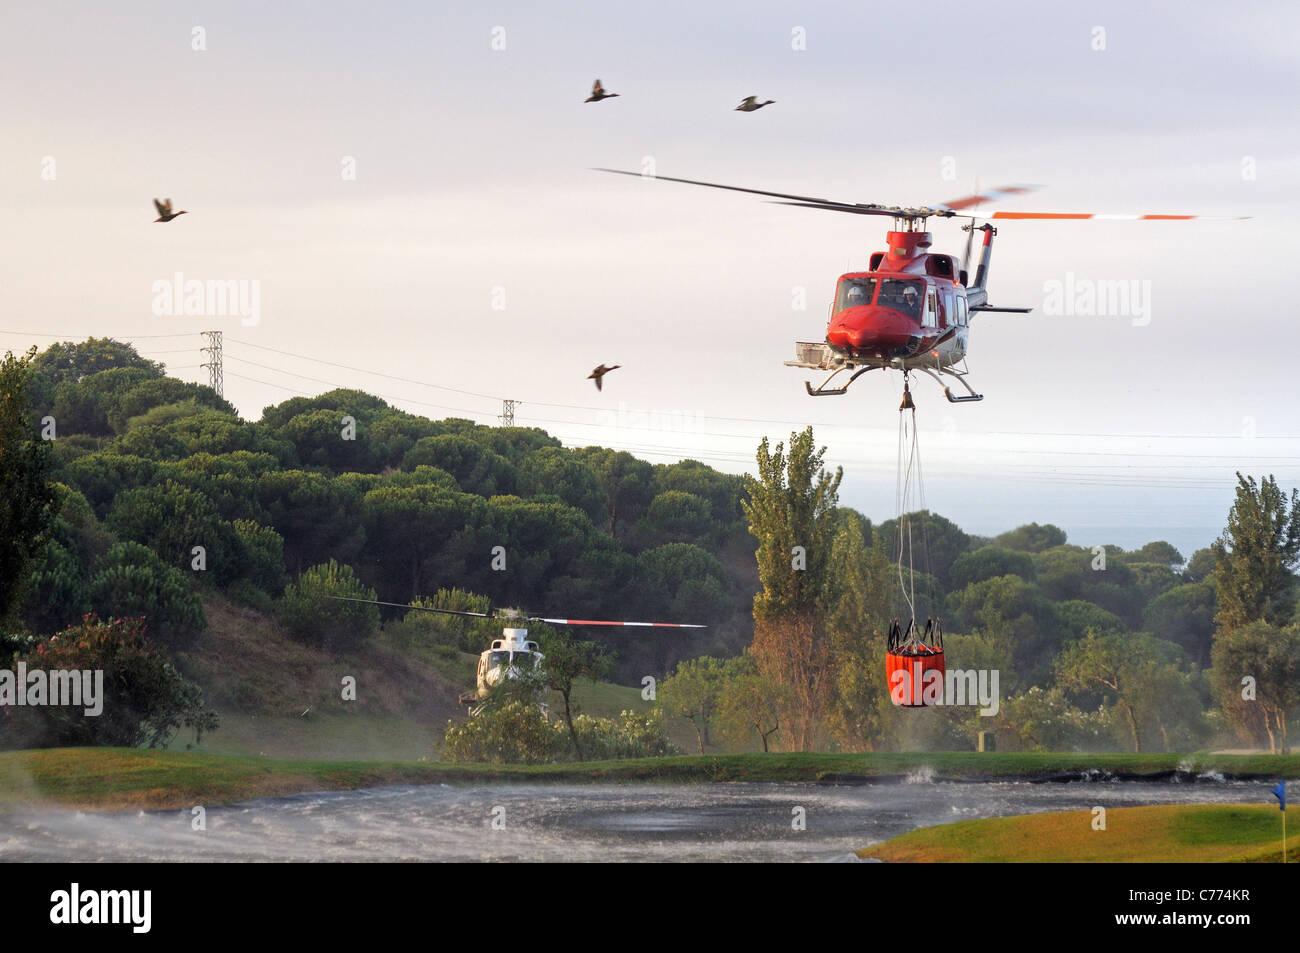 Helicóptero Bell 412 recogiendo agua, Cabopino Golf, Costa del Sol, Málaga, Andalucía, España, Europa Occidental. Foto de stock